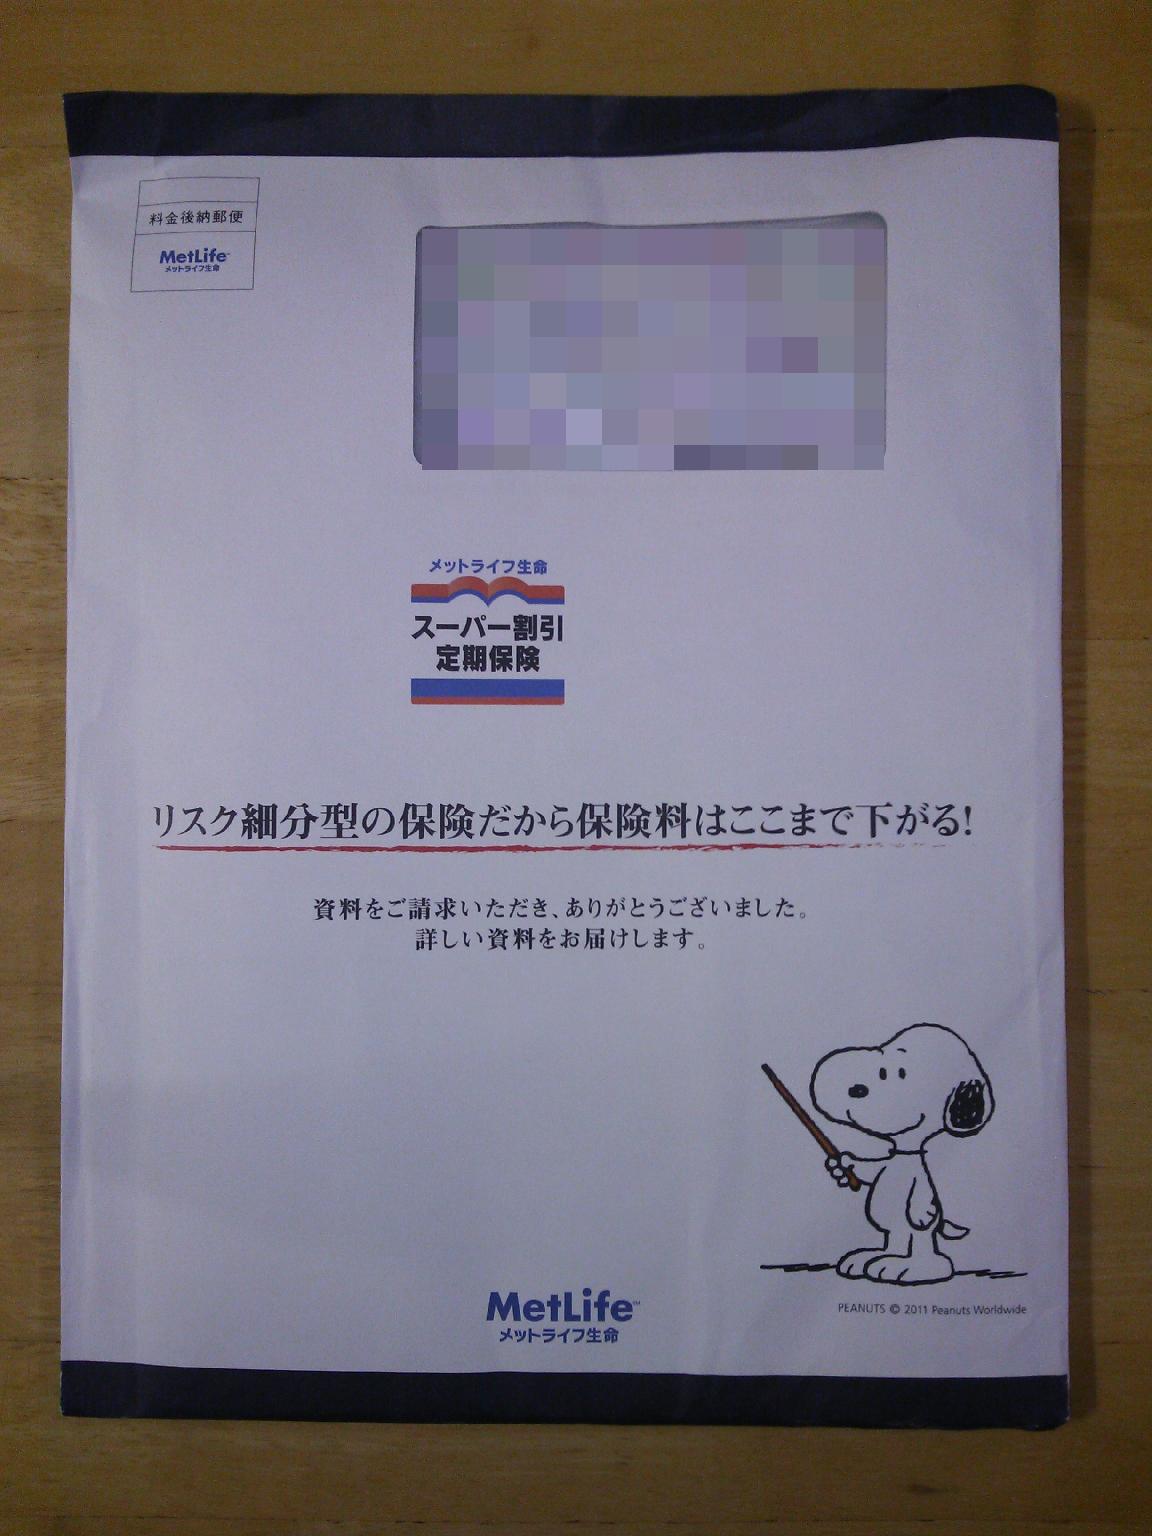 メットライフ生命資料請求スーパー割引定期保険1-1-1